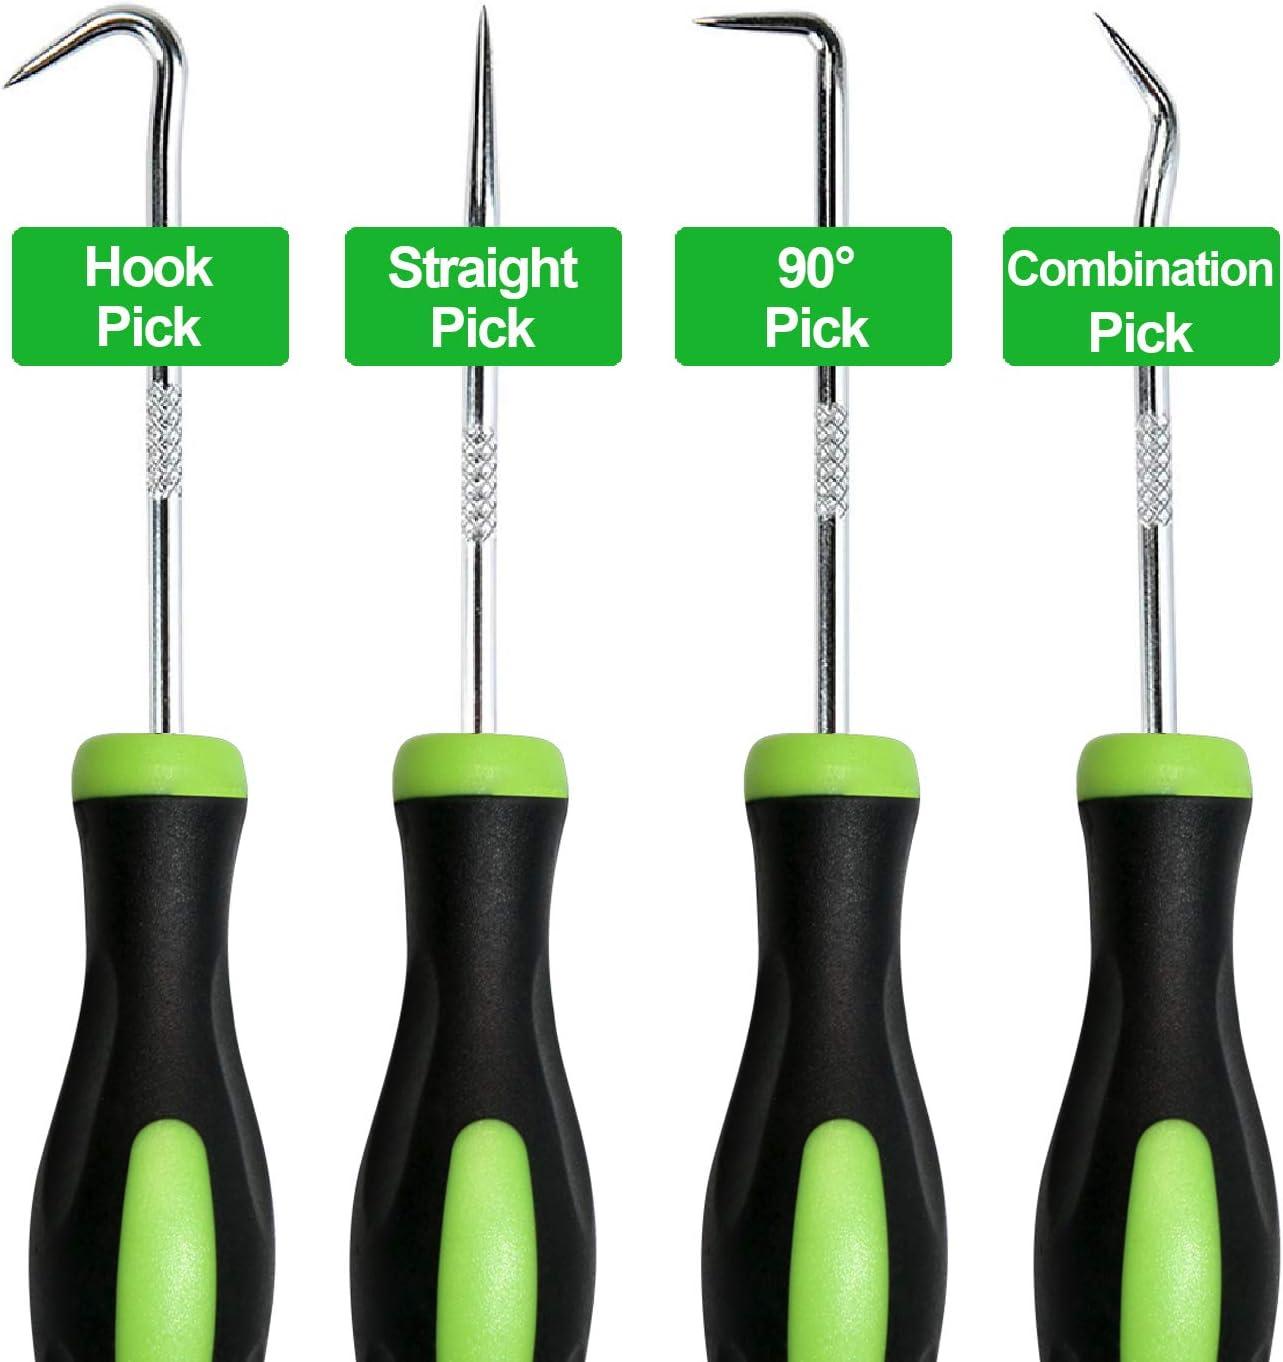 419 Pcs Rubber O-ring Kit 4 Pcs Oil Seal Screwdrivers Set Pick Hooks Hand Tools